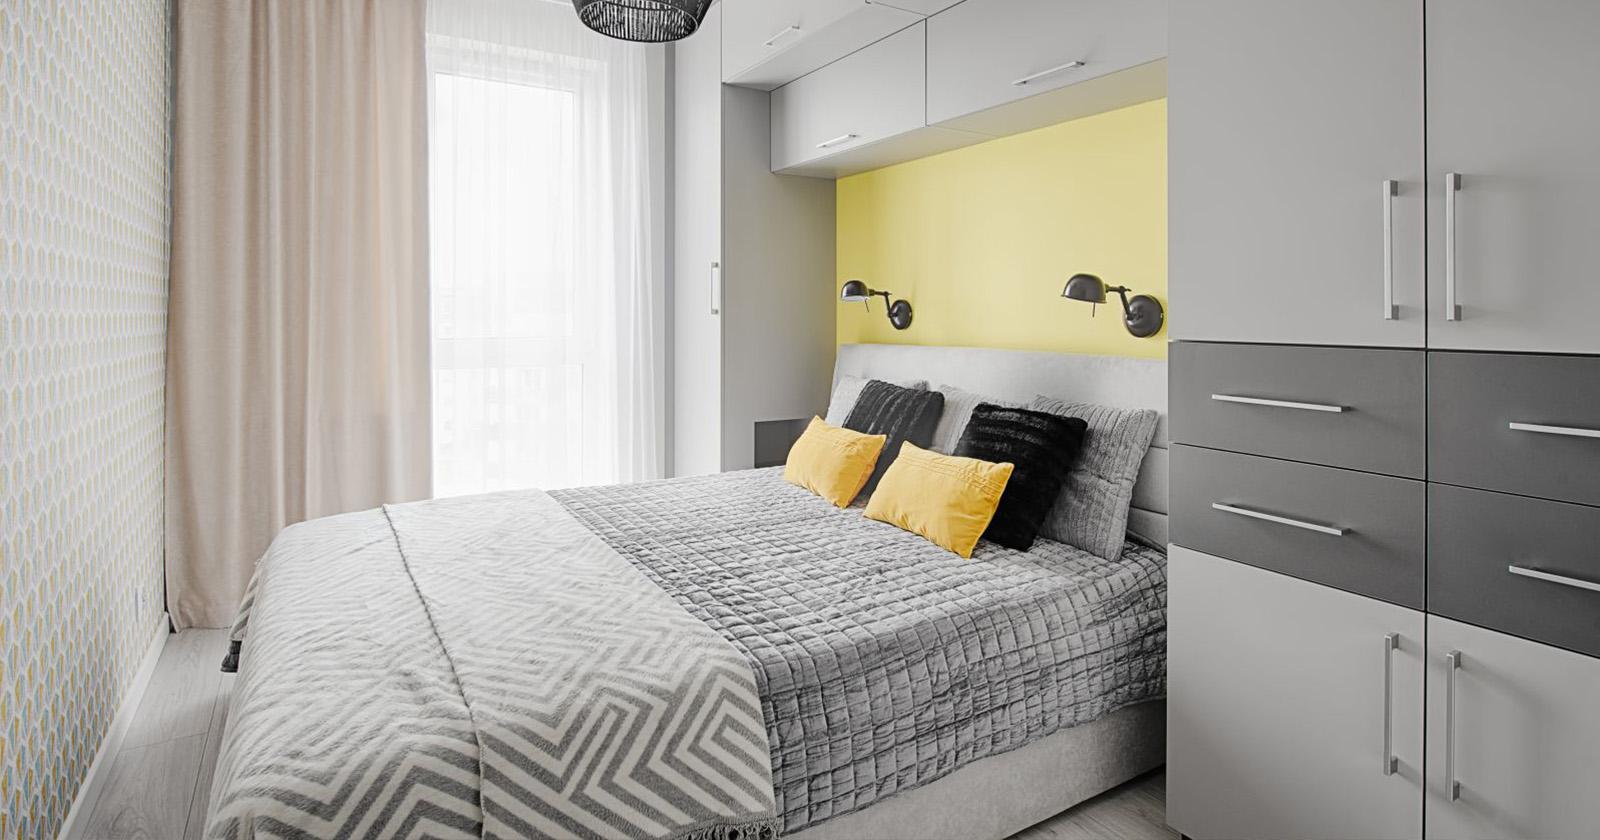 Mała Sypialnia Czyli Jak Mądrze Stworzyć Przytulne Wnętrze